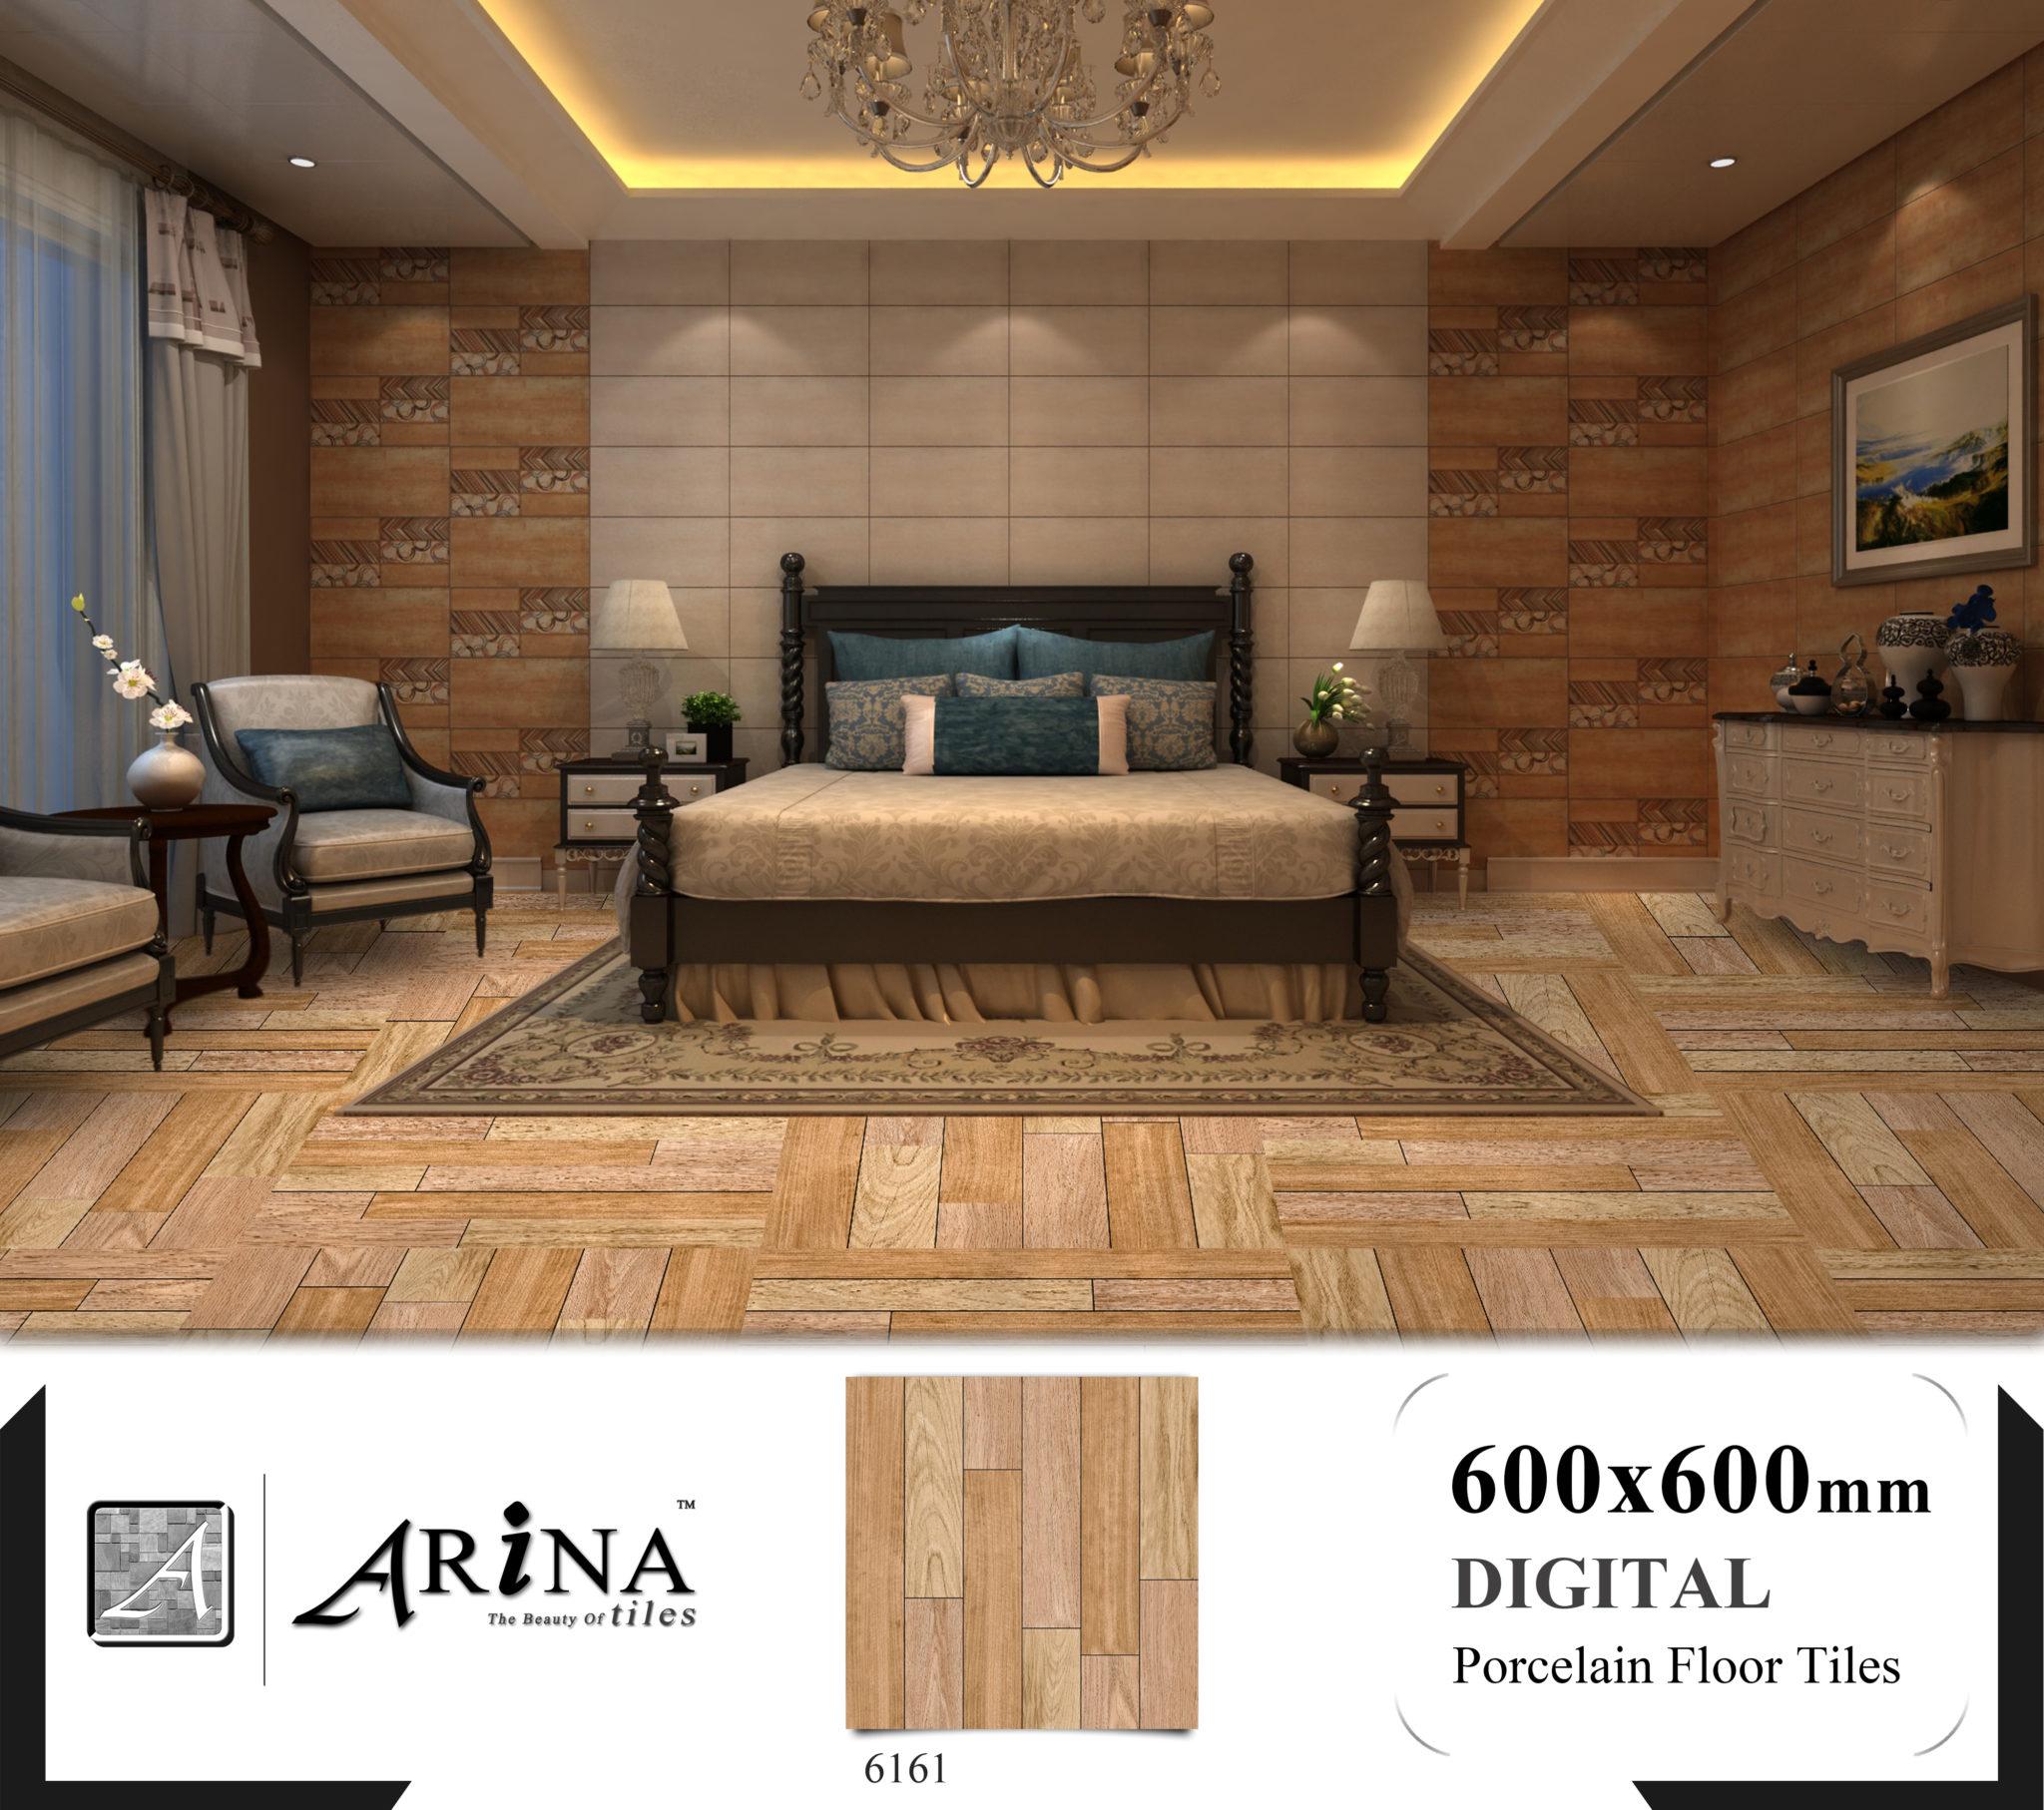 6161 Preview - 24x24 Porcelain floor tiles